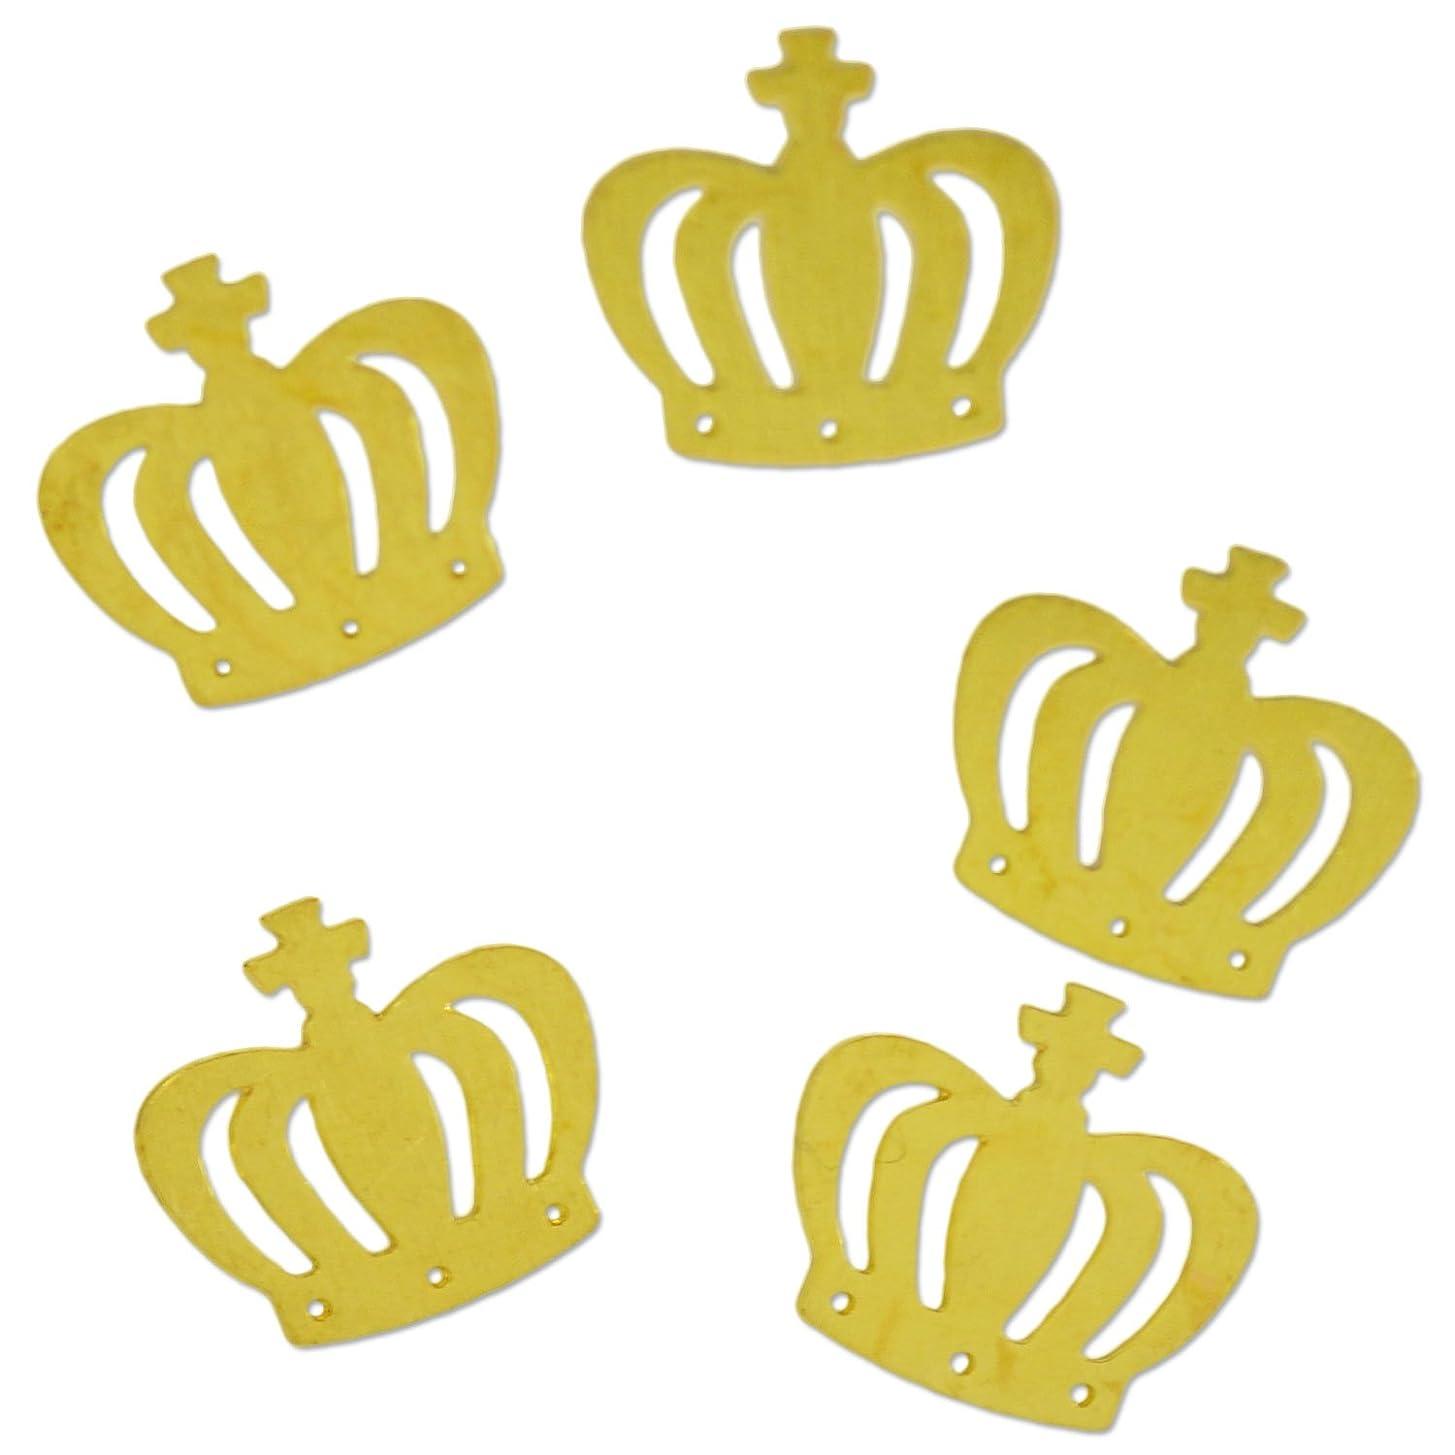 兄弟愛ドメインヘッジ薄型メタルパーツ10036 王冠 クラウン CROWN 5mm×6mm ゴールド 20p入り